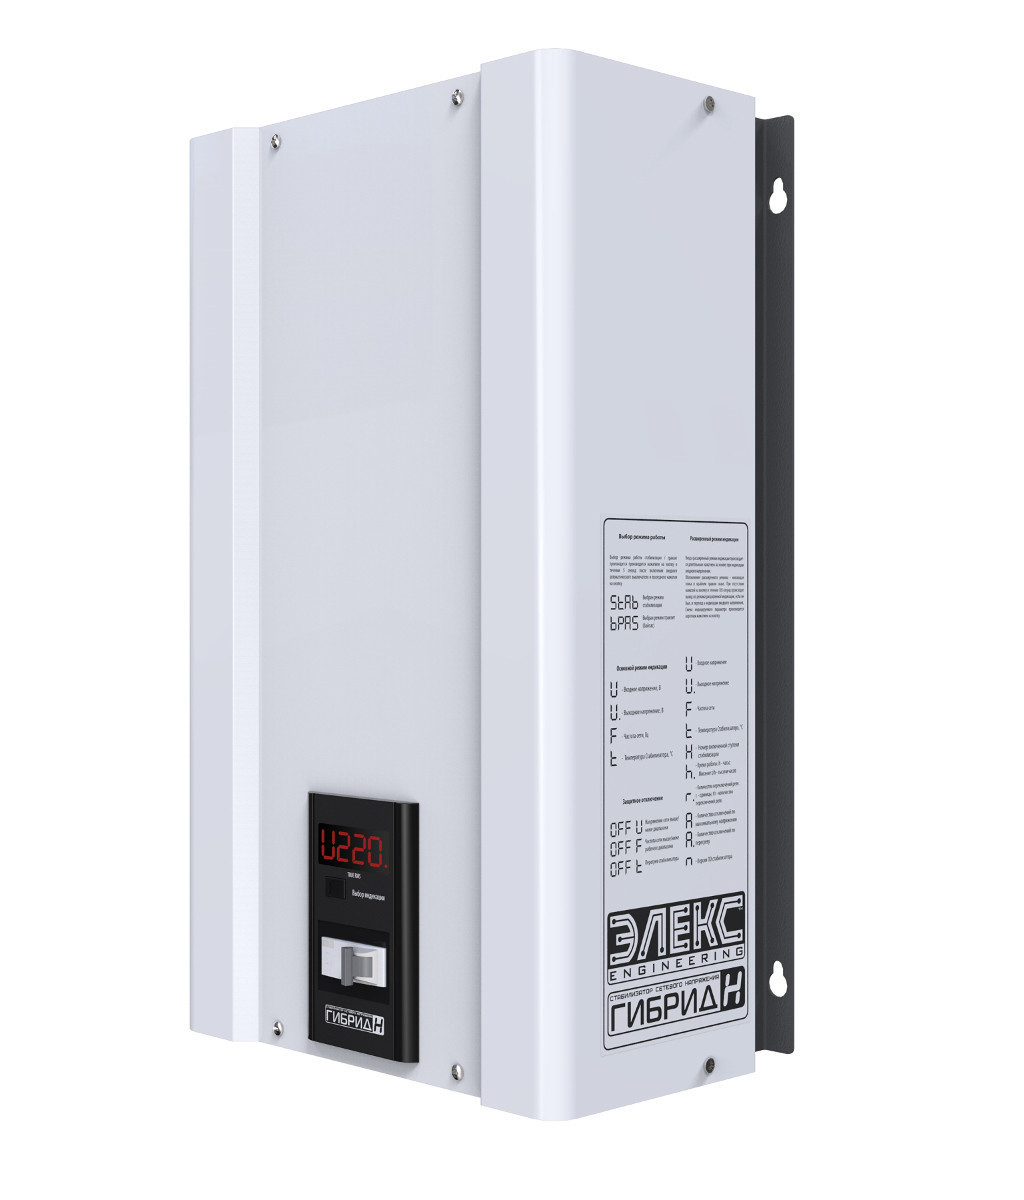 Стабилизатор напряжения 7 кВт ЭЛЕКС Гибрид 9-1/32A v2.0